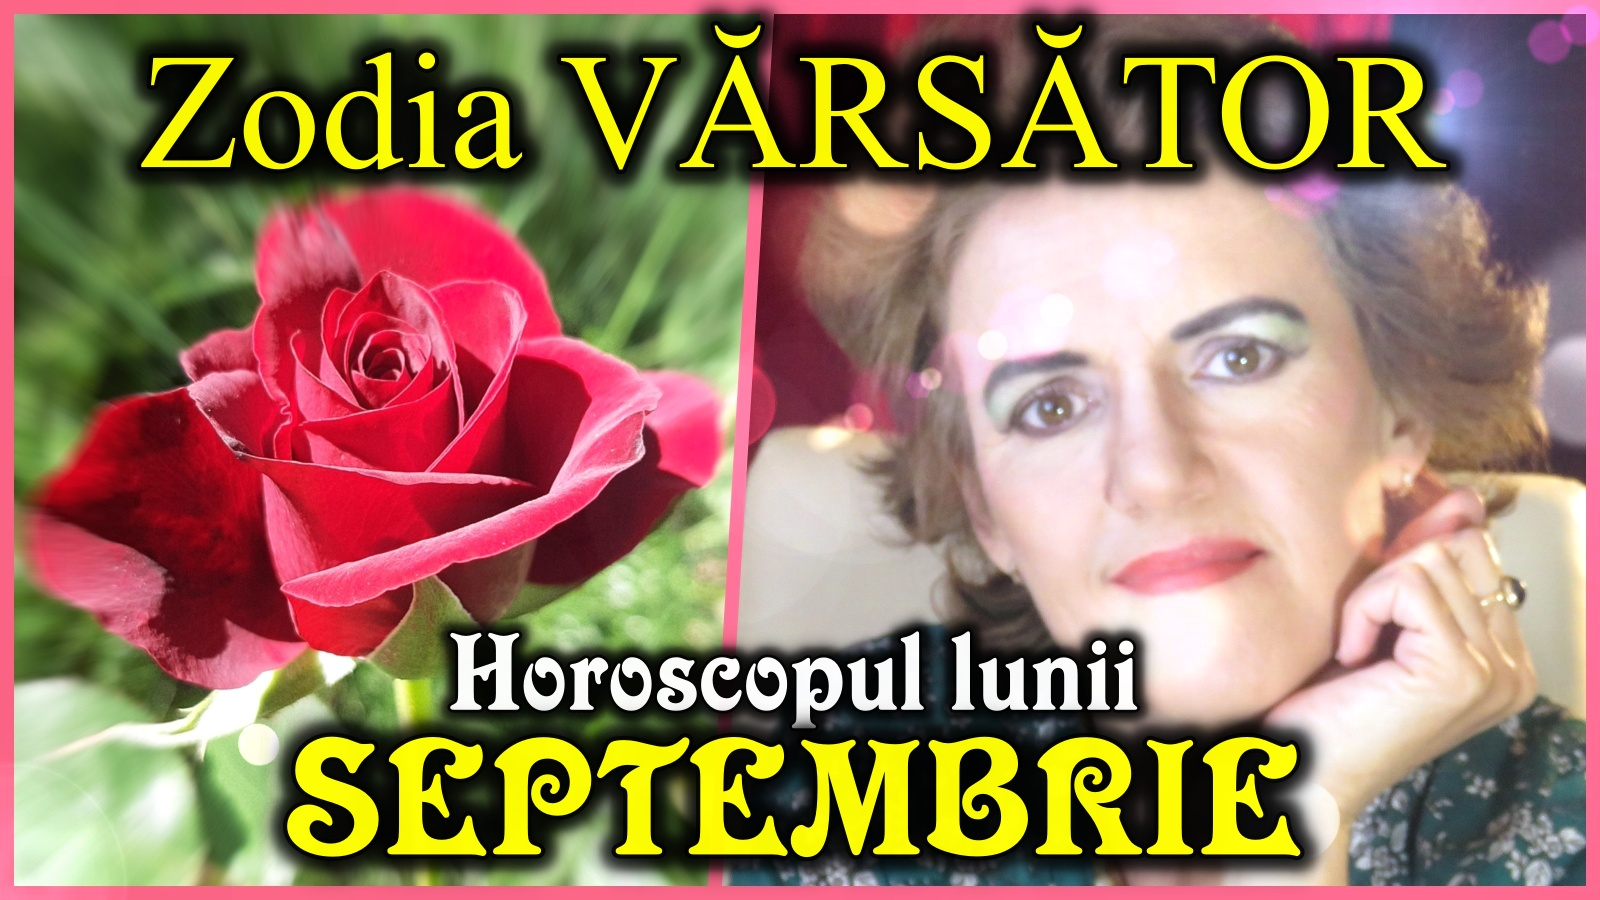 Horoscopul lunii SEPTEMBRIE * Zodia VARSATORULUI